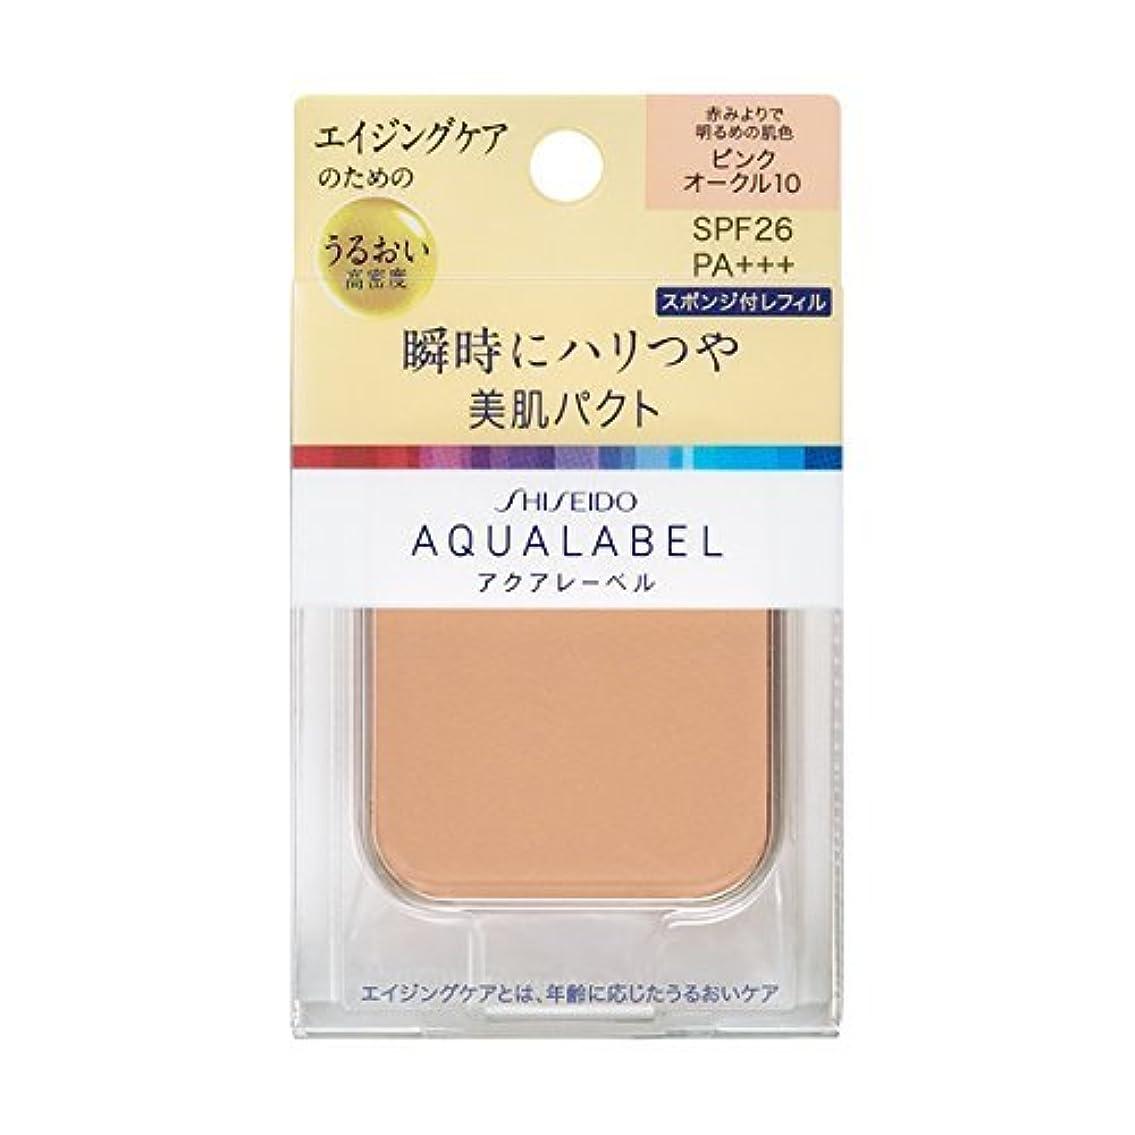 せっかち首謀者教養があるアクアレーベル 明るいつや肌パクト ピンクオークル10 (レフィル) 11.5g×6個